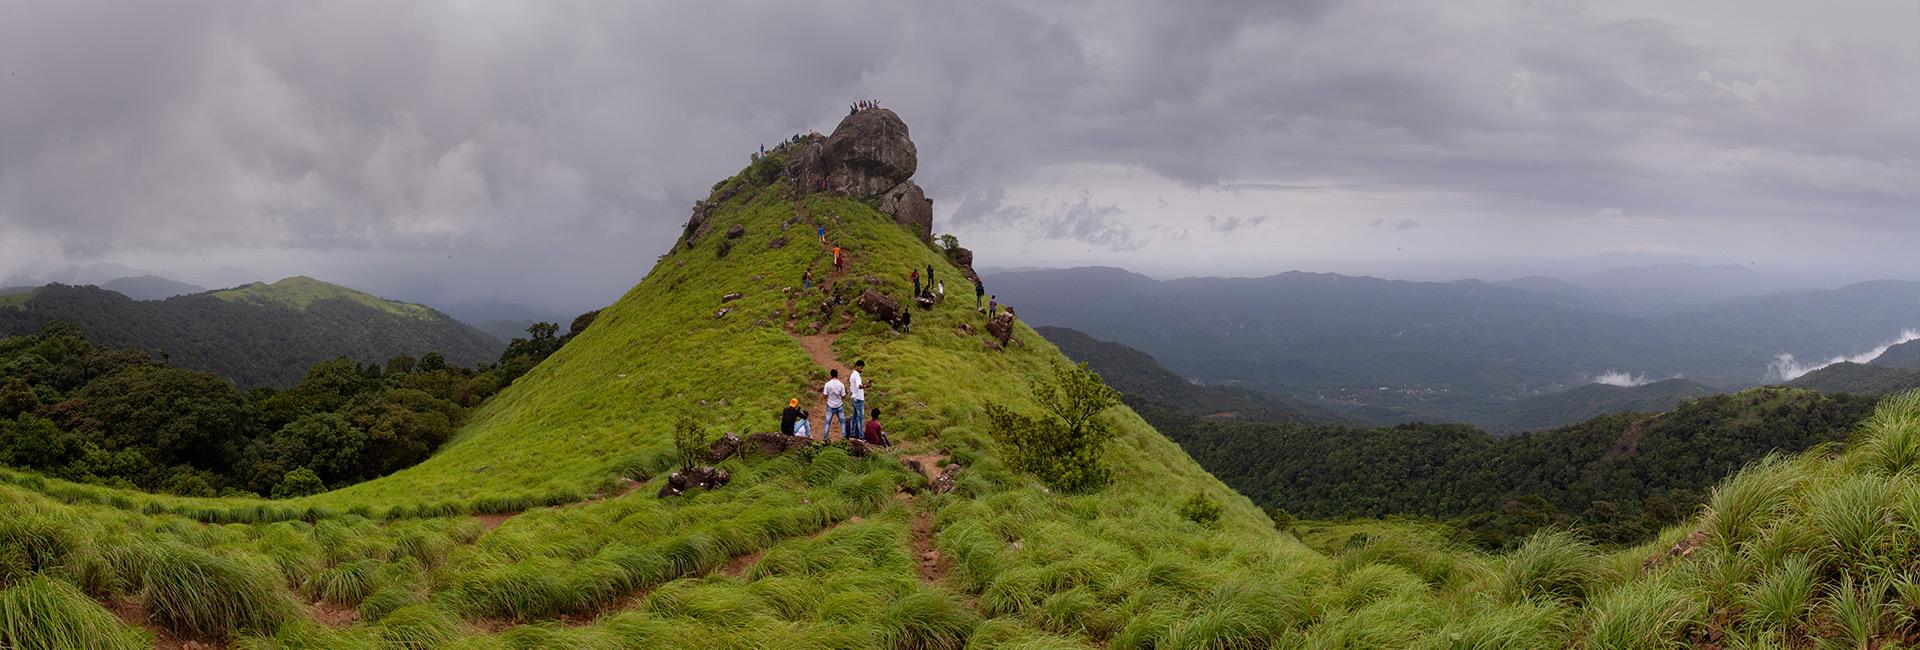 Las colinas de Ranipuram